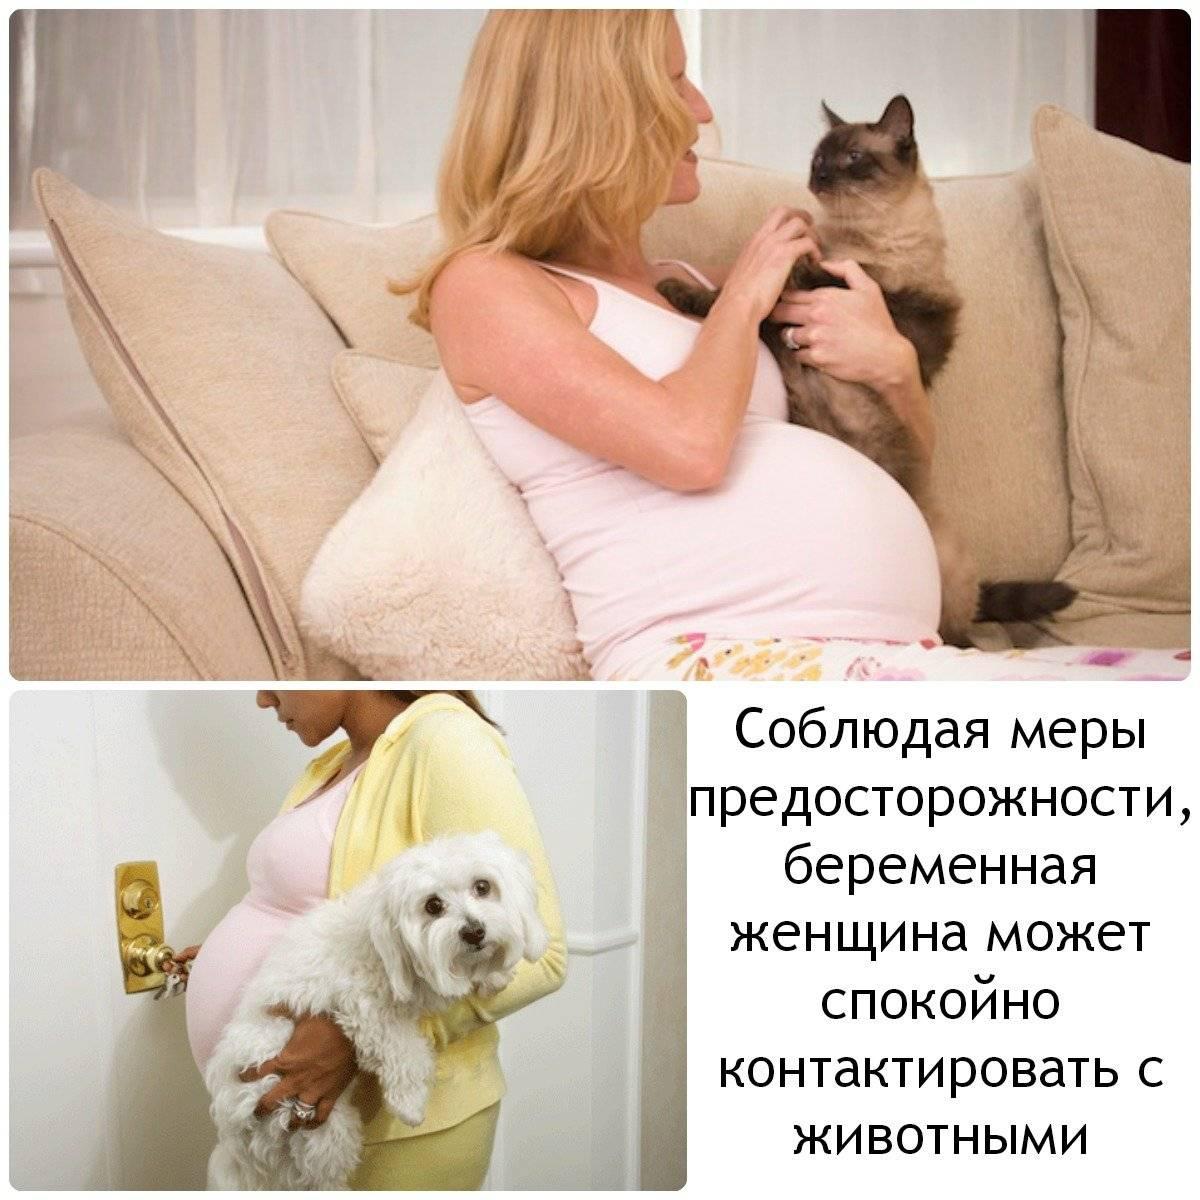 Почему беременным нельзя гладить кошек и какие угрозы существуют? почему беременным нельзя гладить кошек? беременным нельзя общаться с кошками